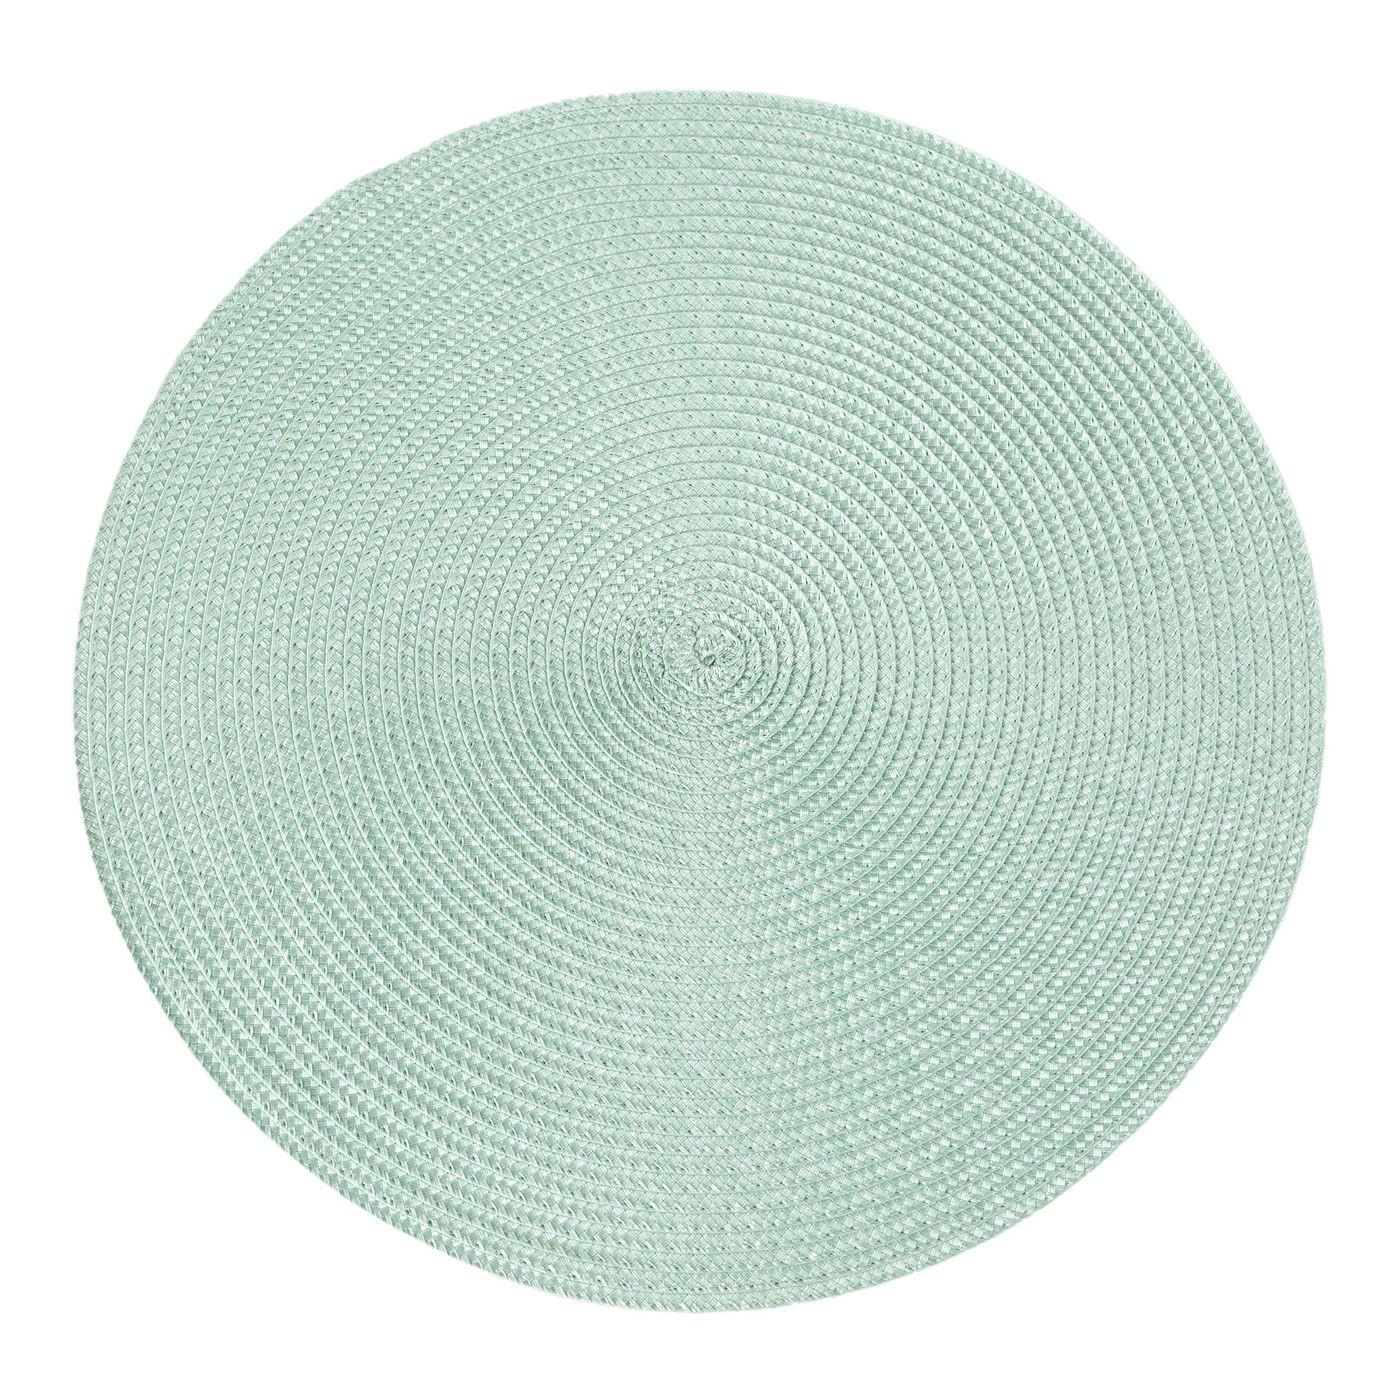 Okrągła podkładka stołowa miętowa średnica 38 cm